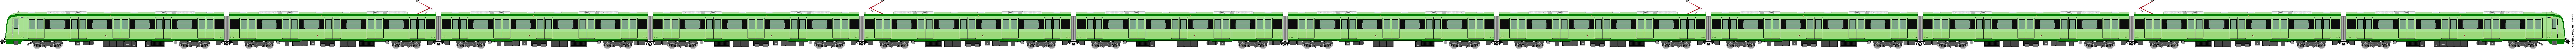 [5224] Makkah Mass Rail Transit 5224